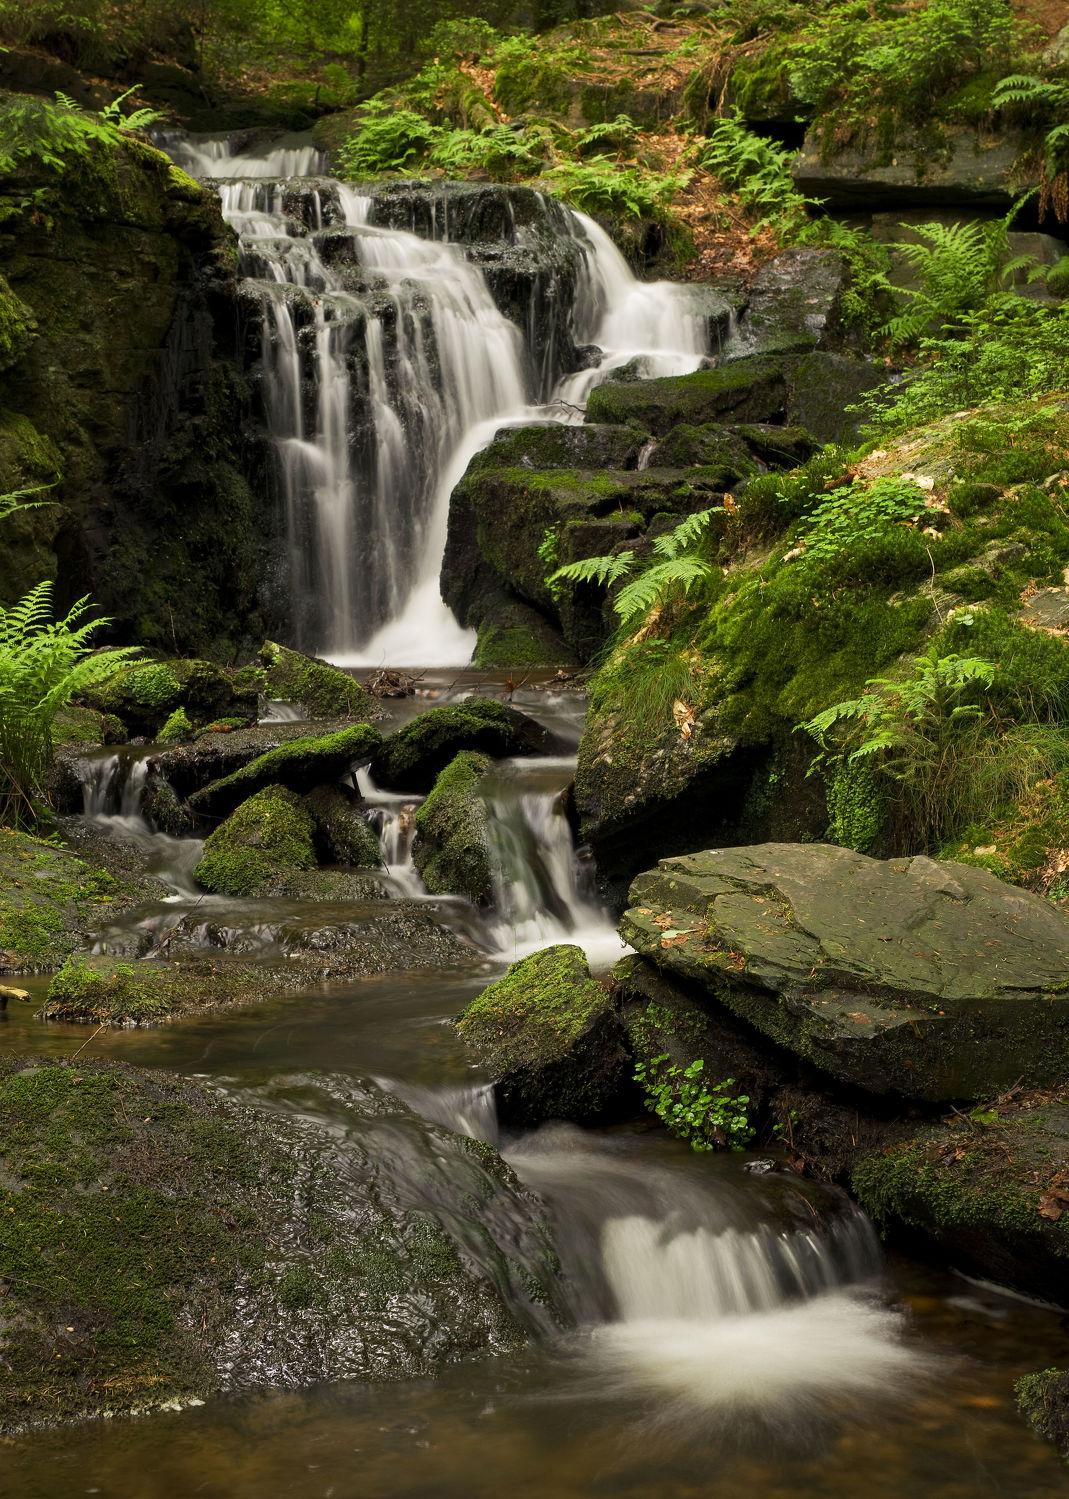 Bild mit Natur, Wasser, Landschaften, Wälder, Wasserfälle, Wald, Landschaft, Wasserfall